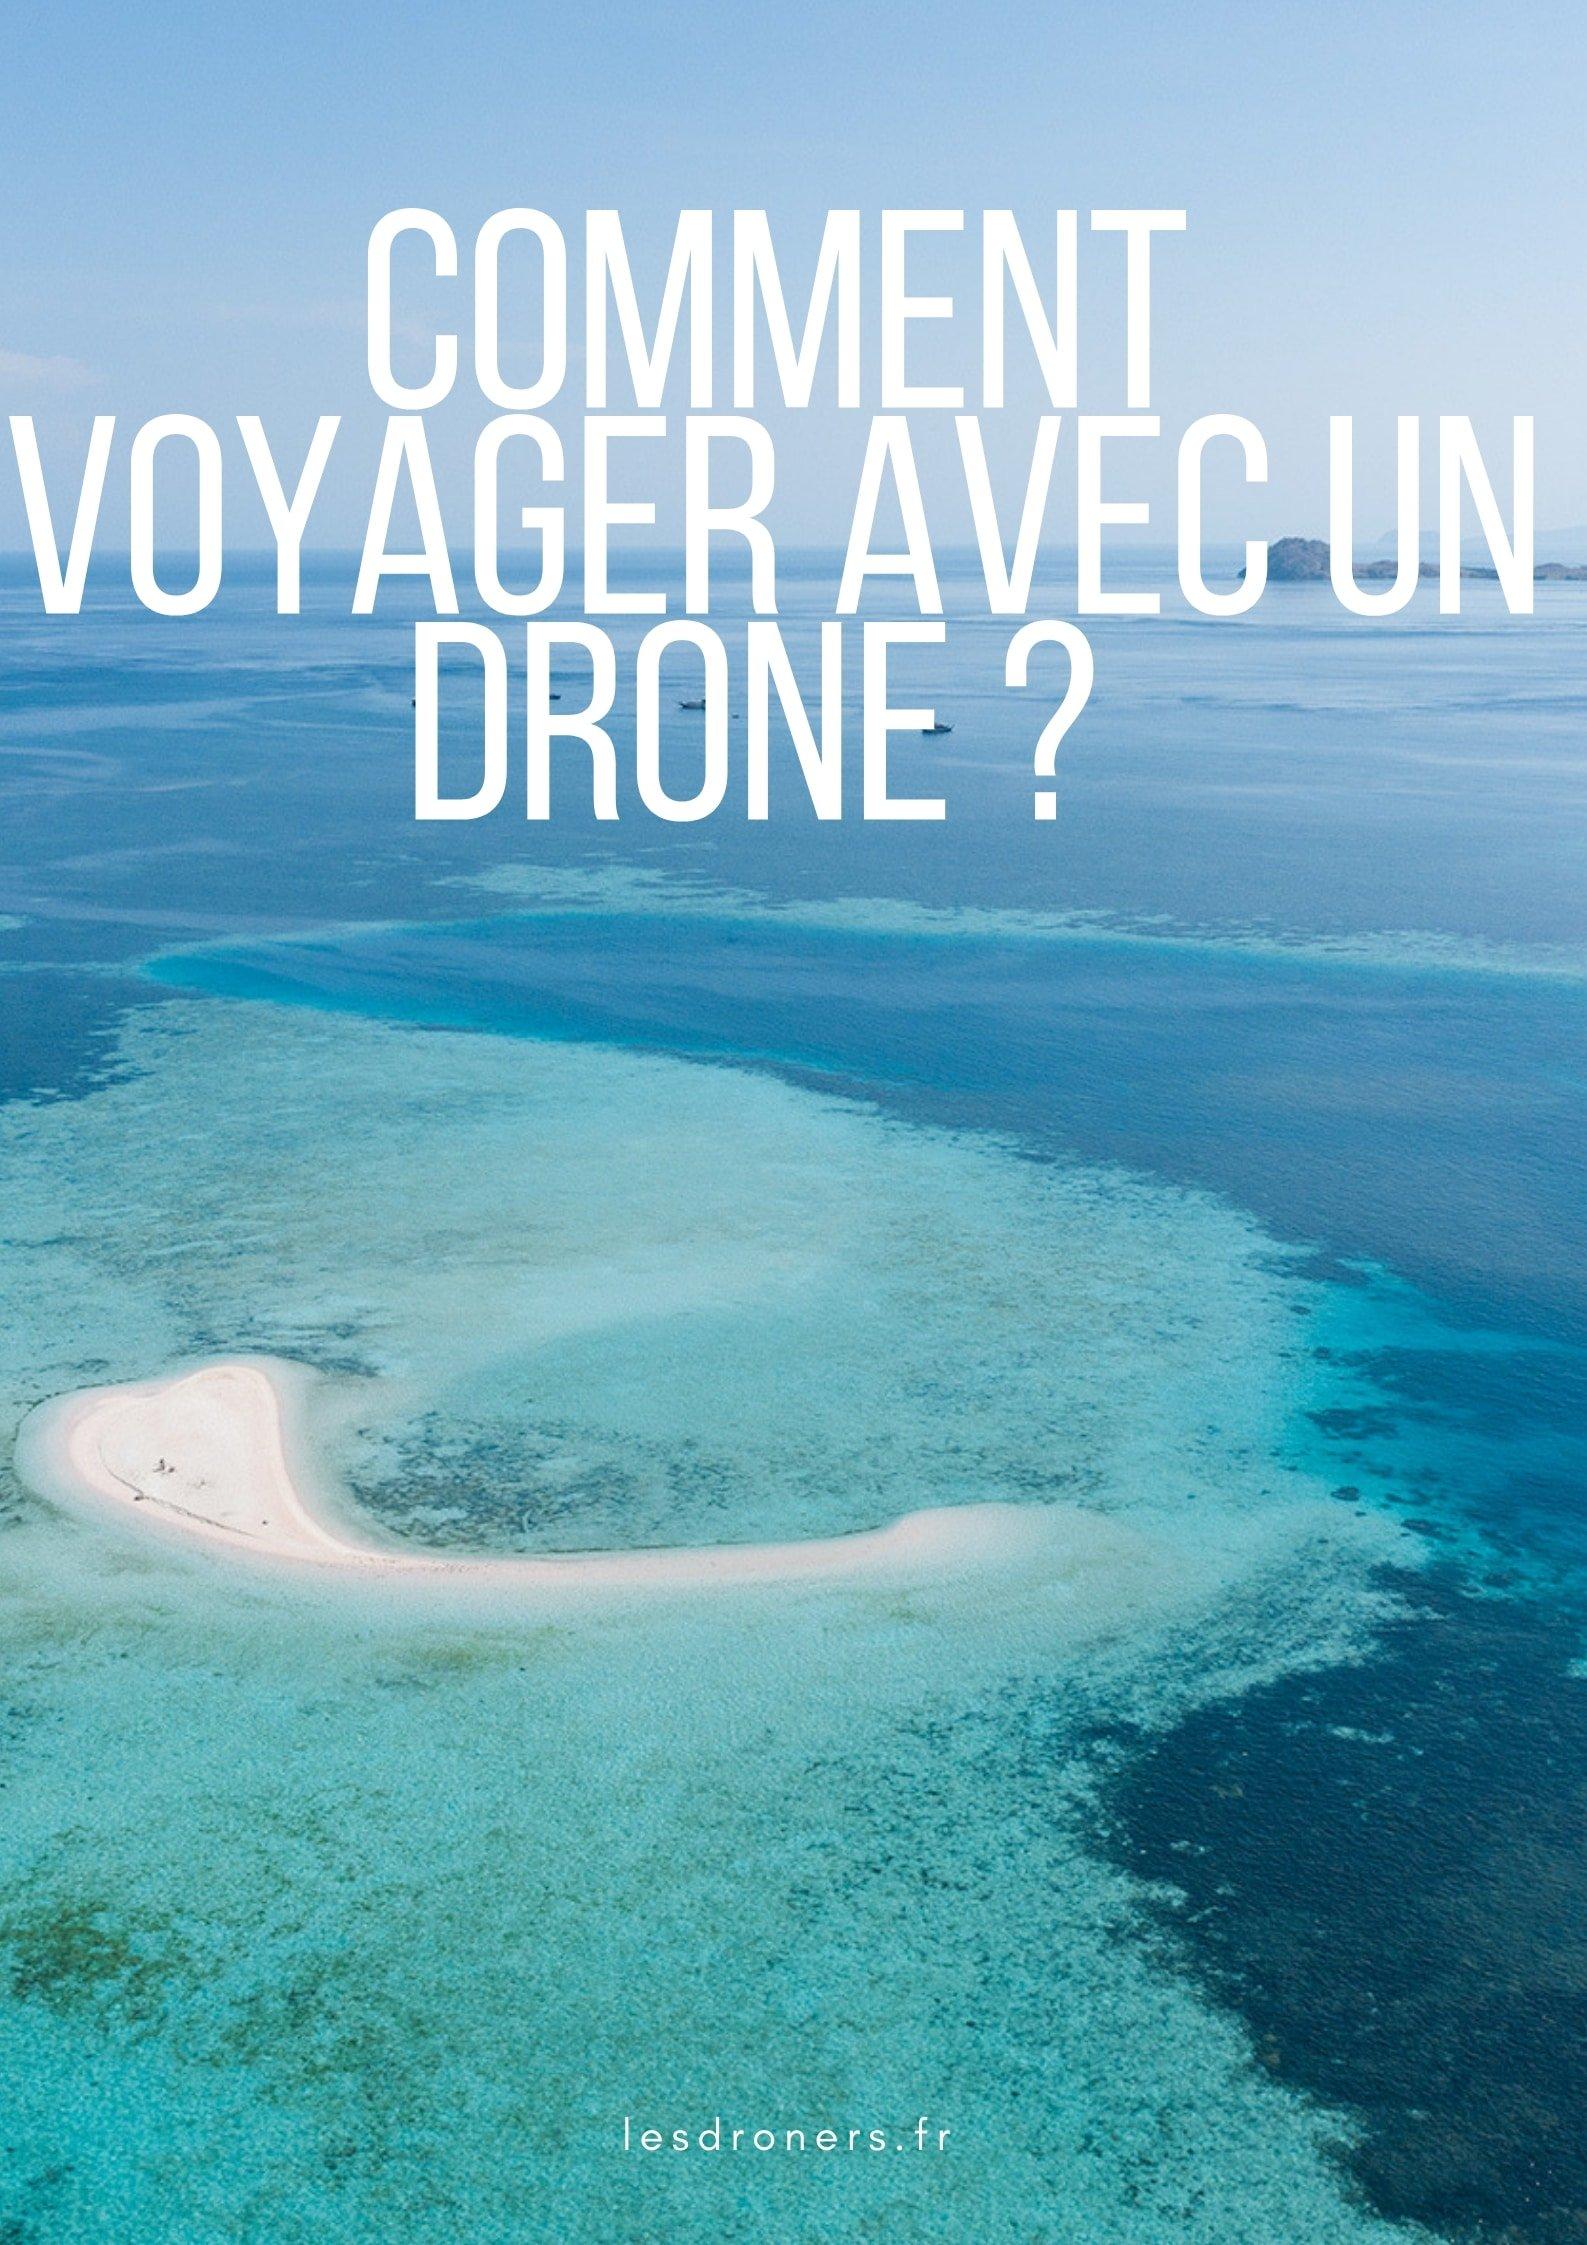 comment voyager avec un drone